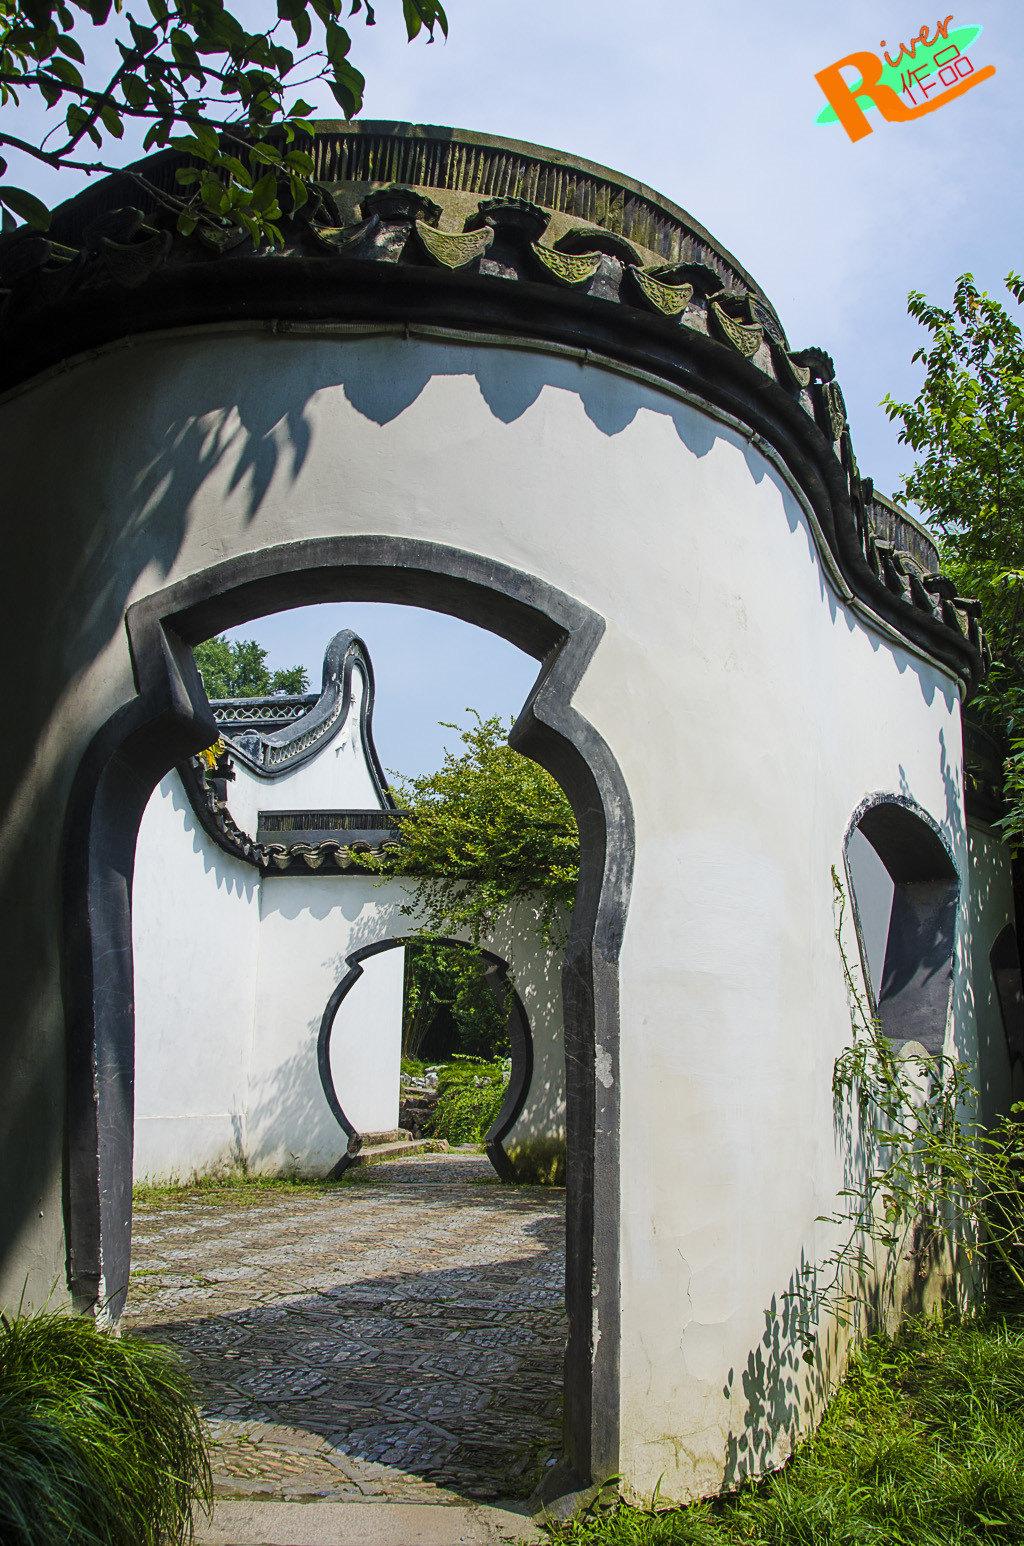 苏州游园林,何必去通辽?江南北宾馆桥情趣图片